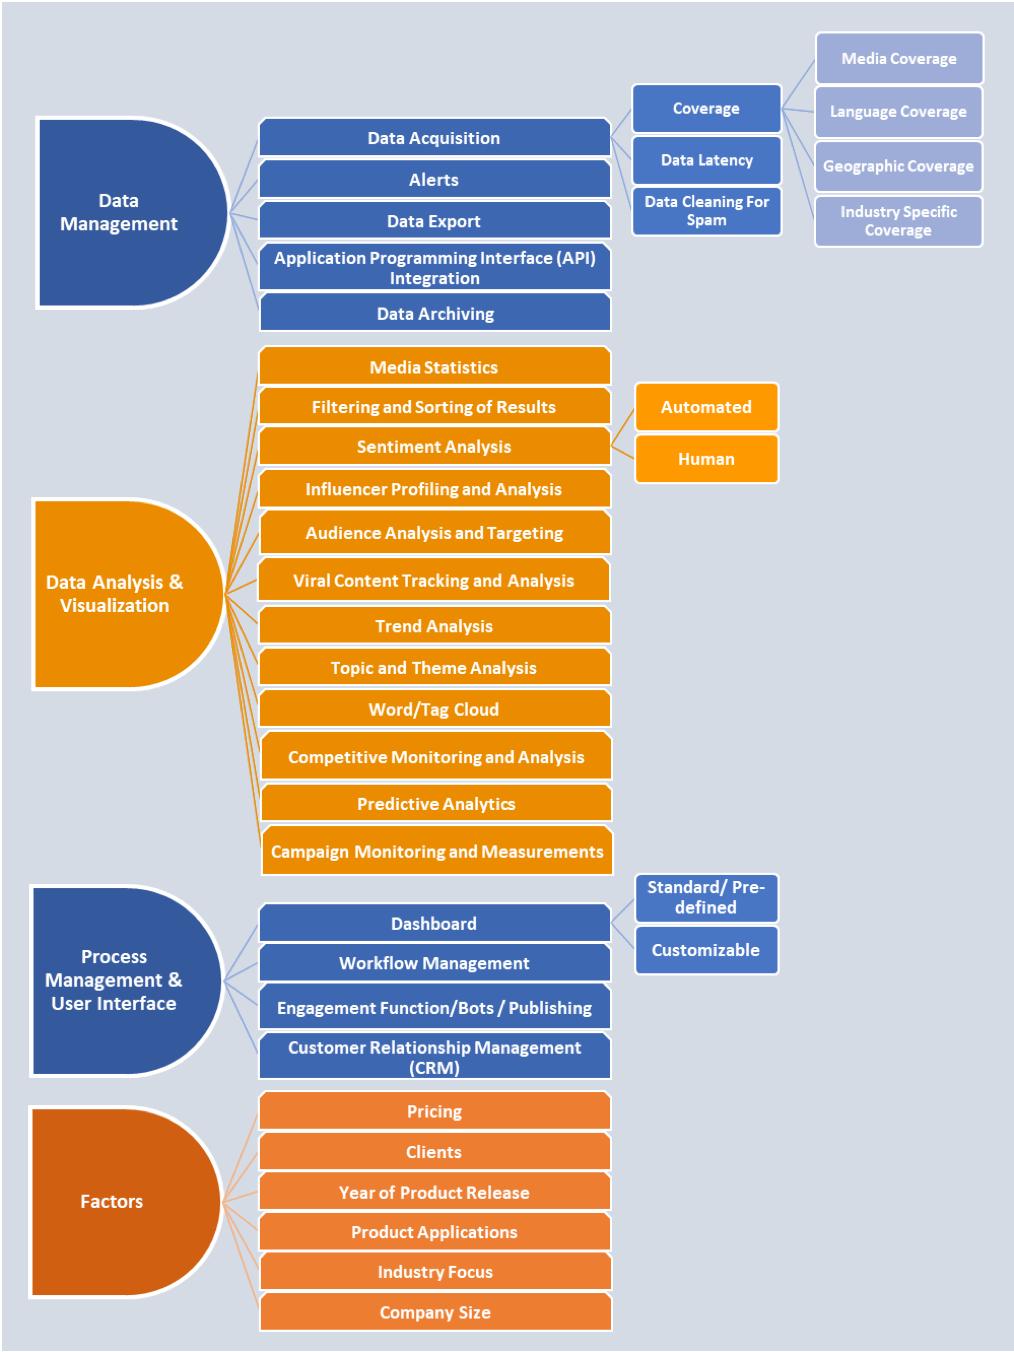 Le caratteristiche e i fattori chiave dello strumento che influiscono sul processo di selezione